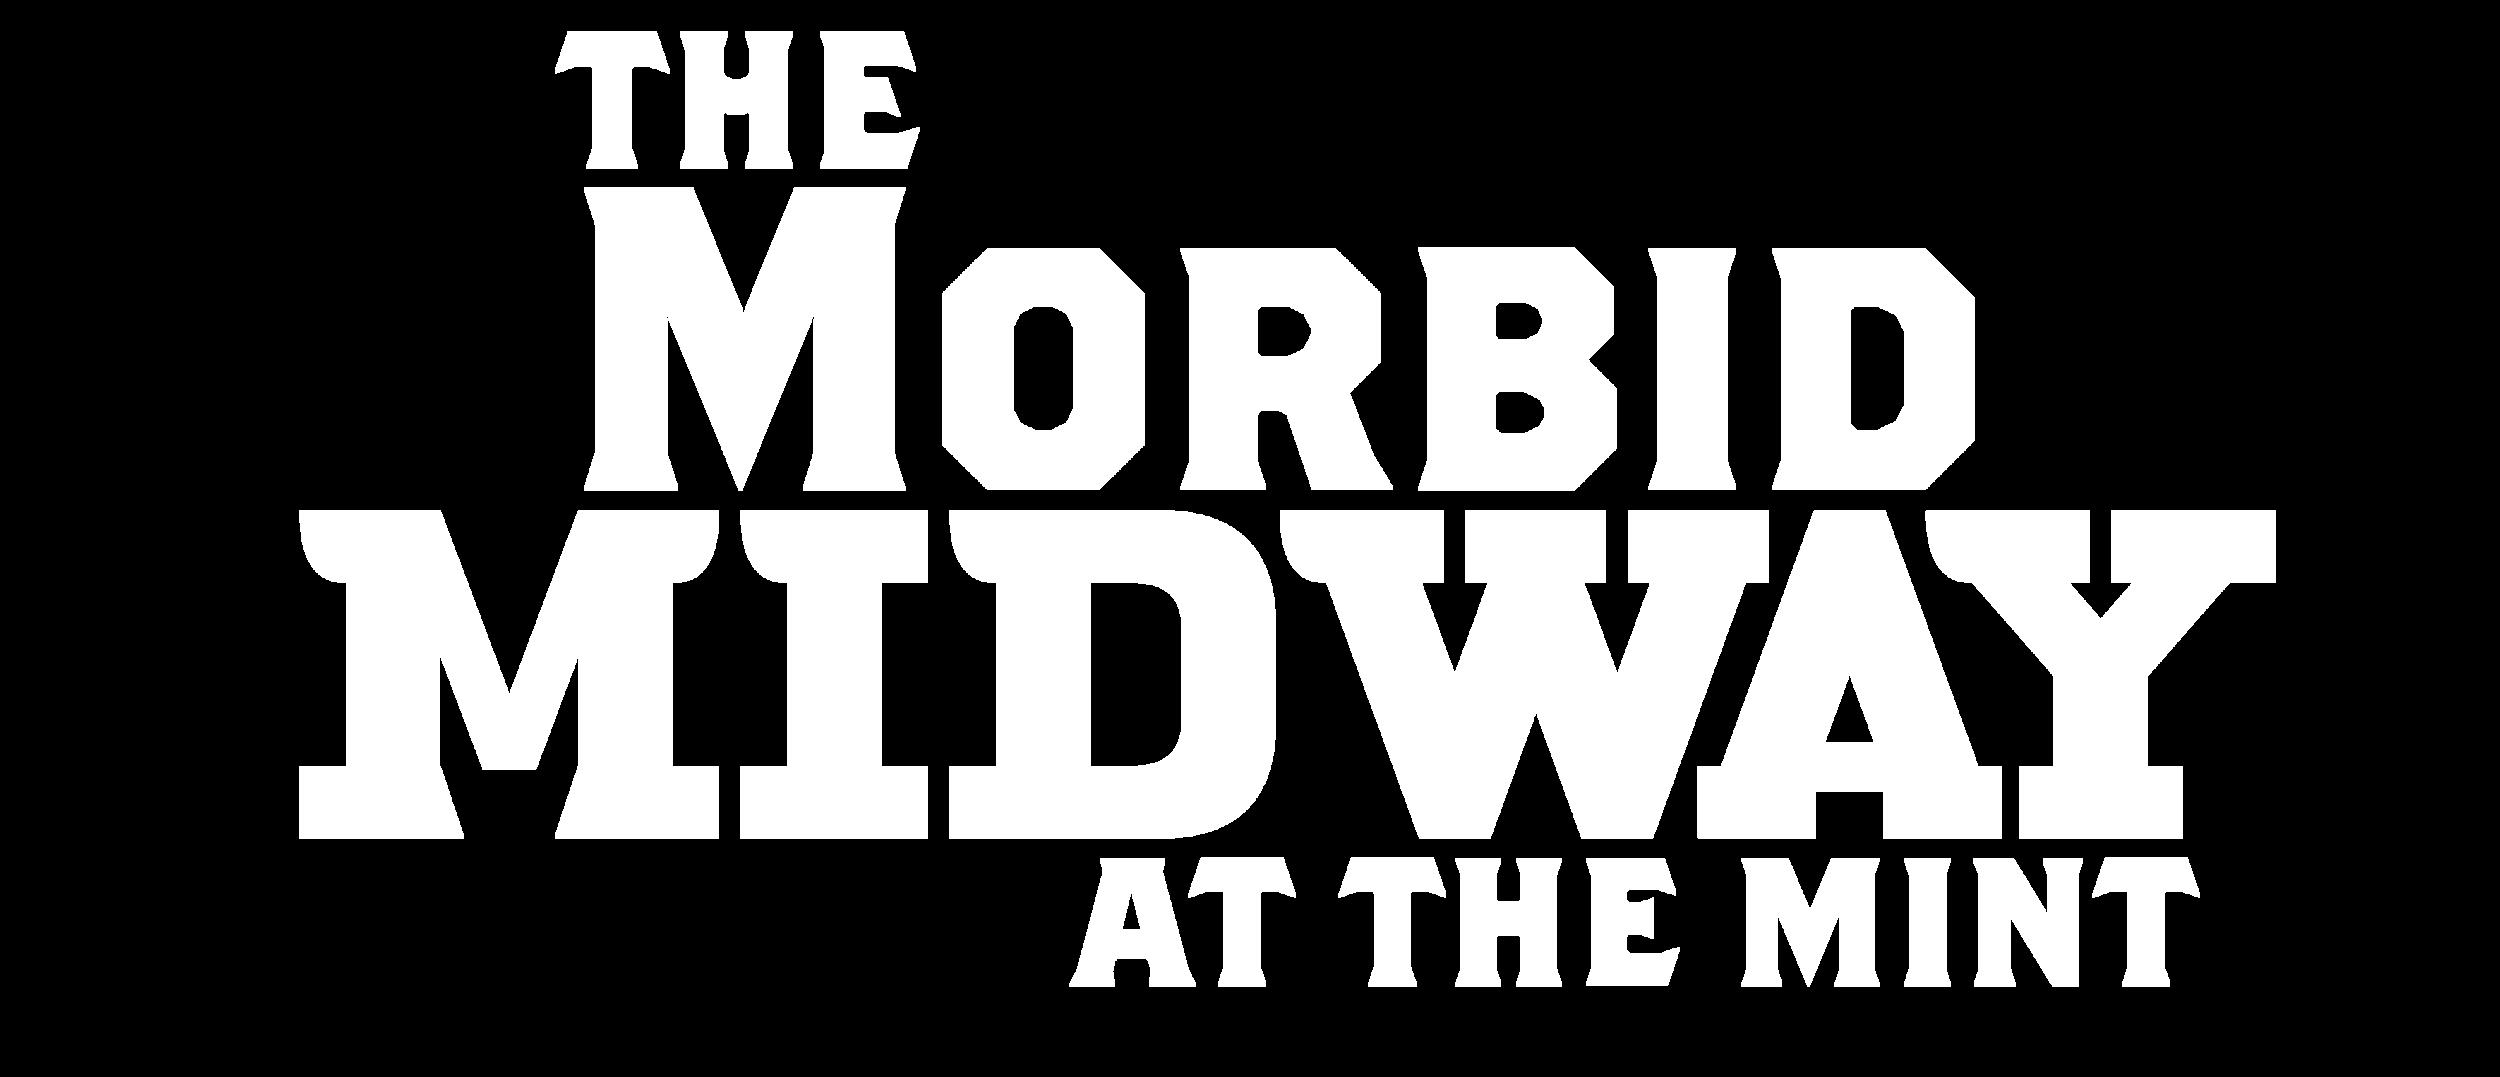 morbid_midway_logo-01.png